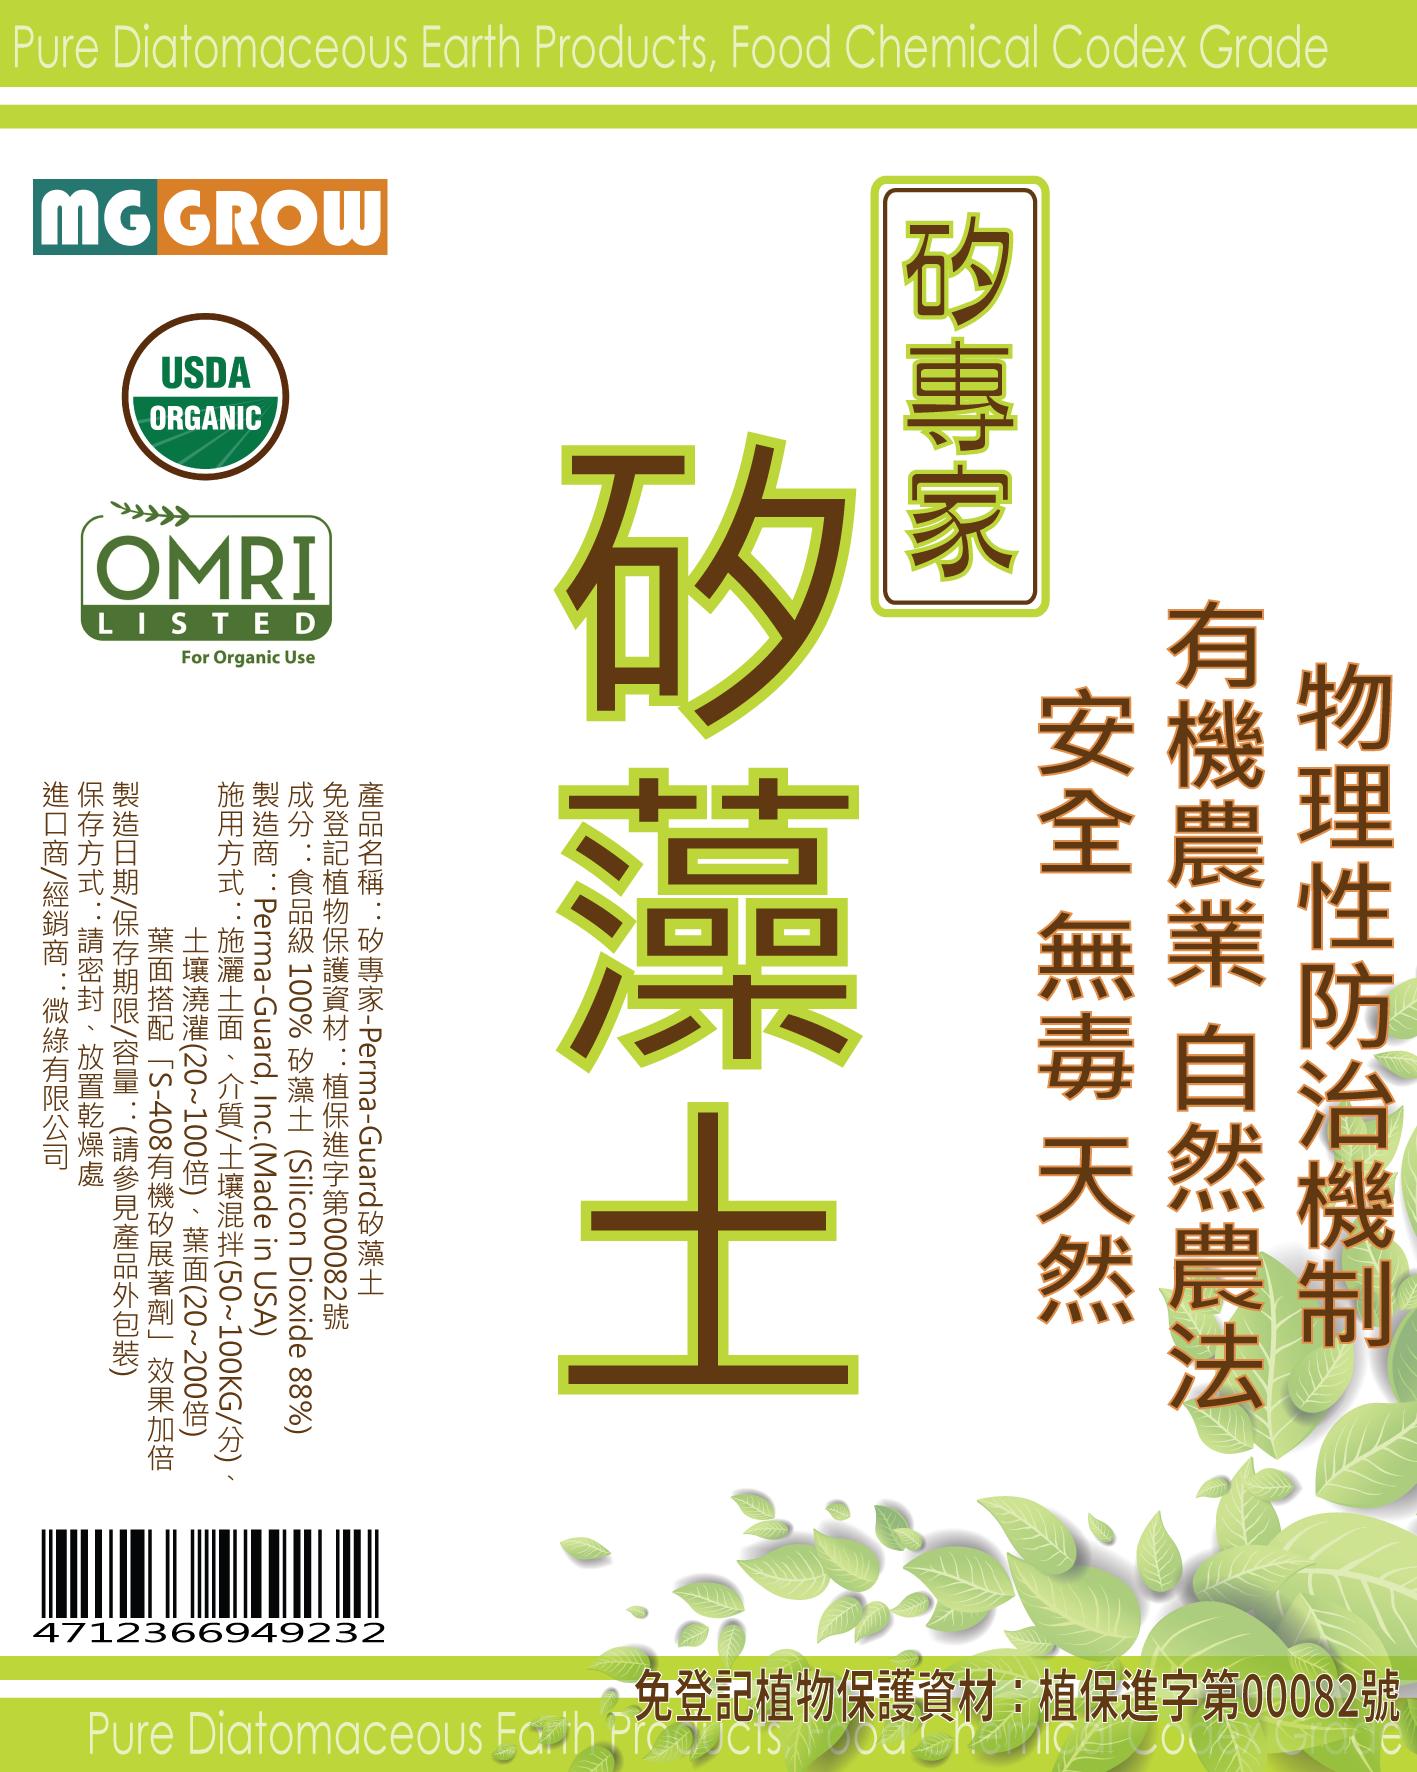 貼紙-矽專家-矽藻土(120x150)-01.png